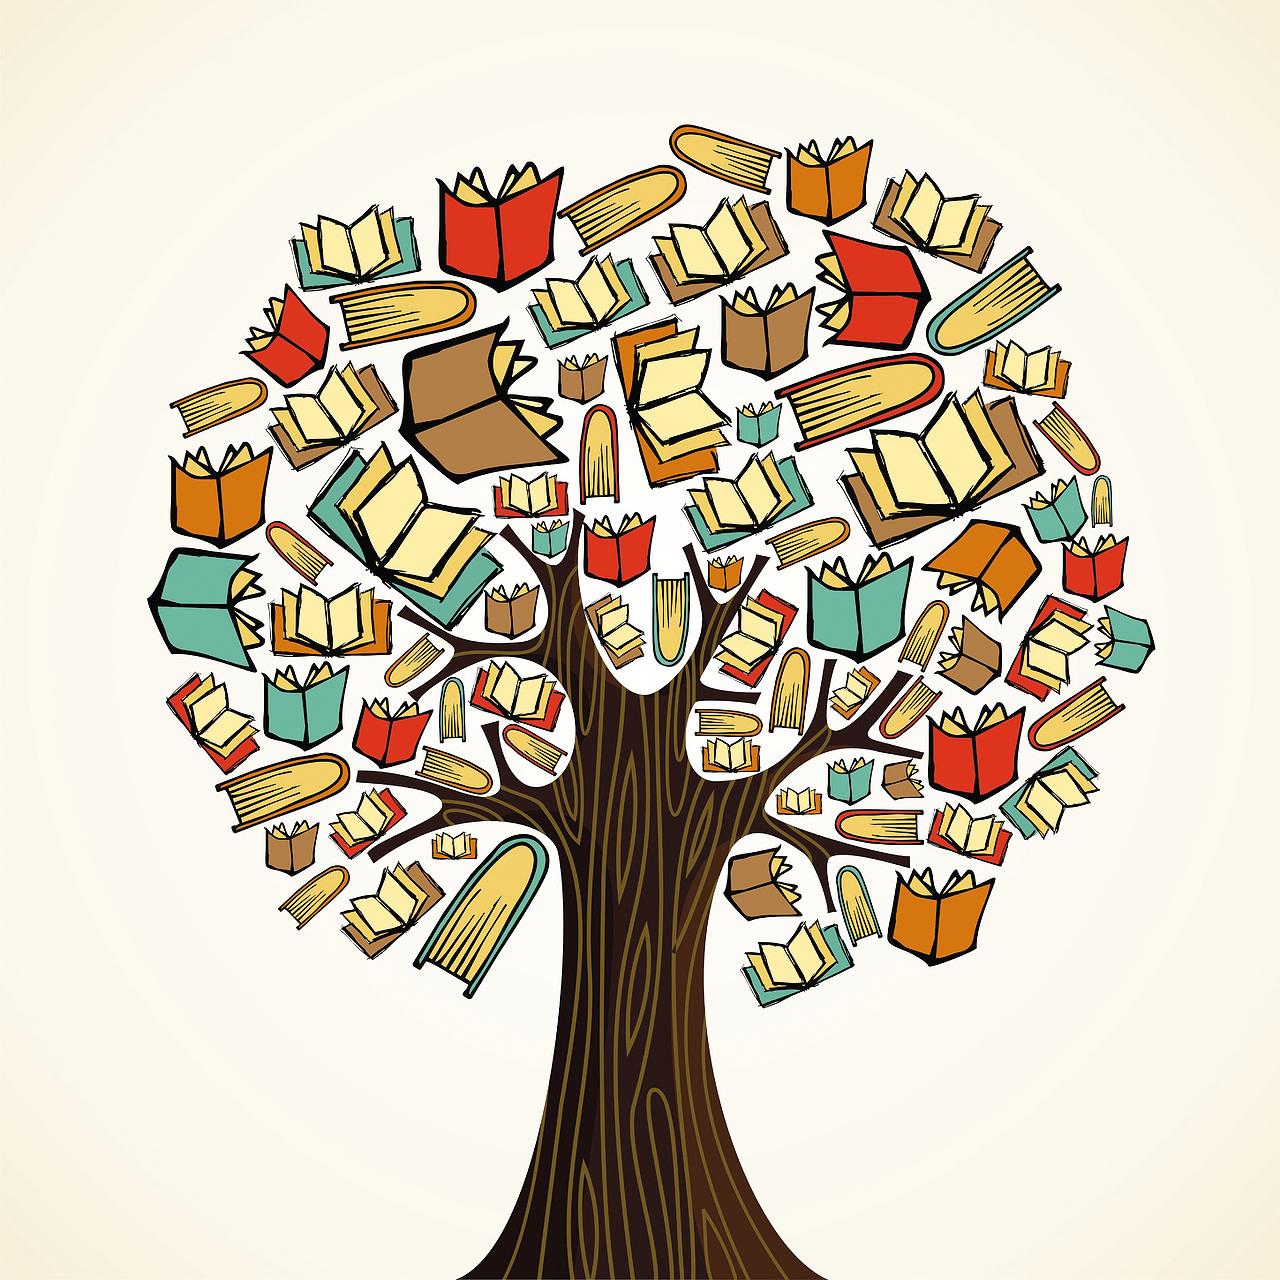 14880f45e8 Secondo i dati di mercato il numero di macchine installate e i volumi  stampati sono in crescita, e dal 2009 a oggi sono numerose le aziende di  stampa che ...